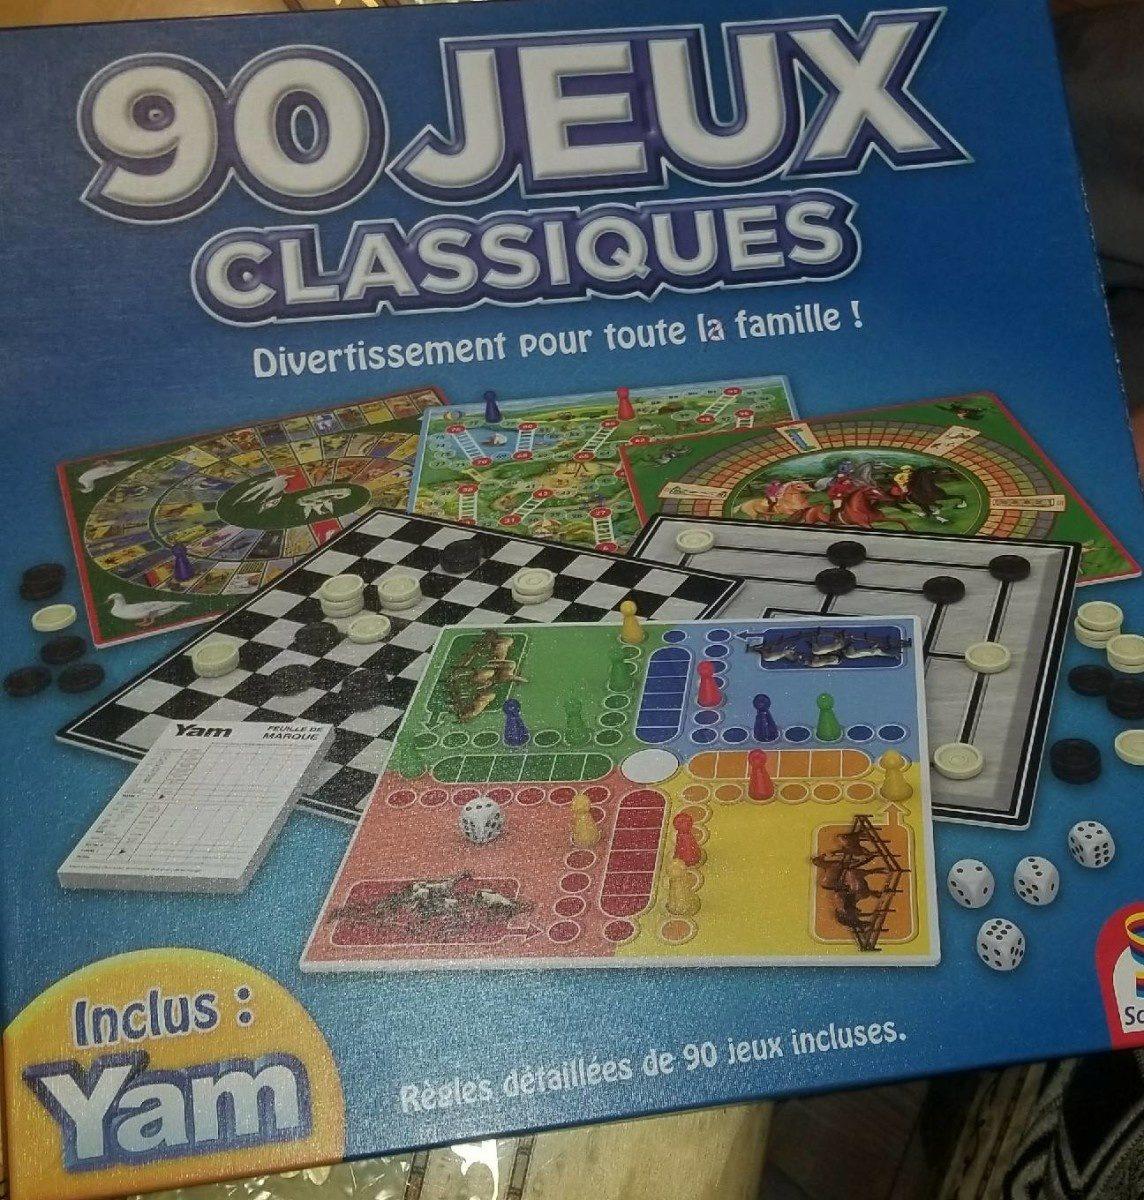 90 jeux classiques - Produit - fr